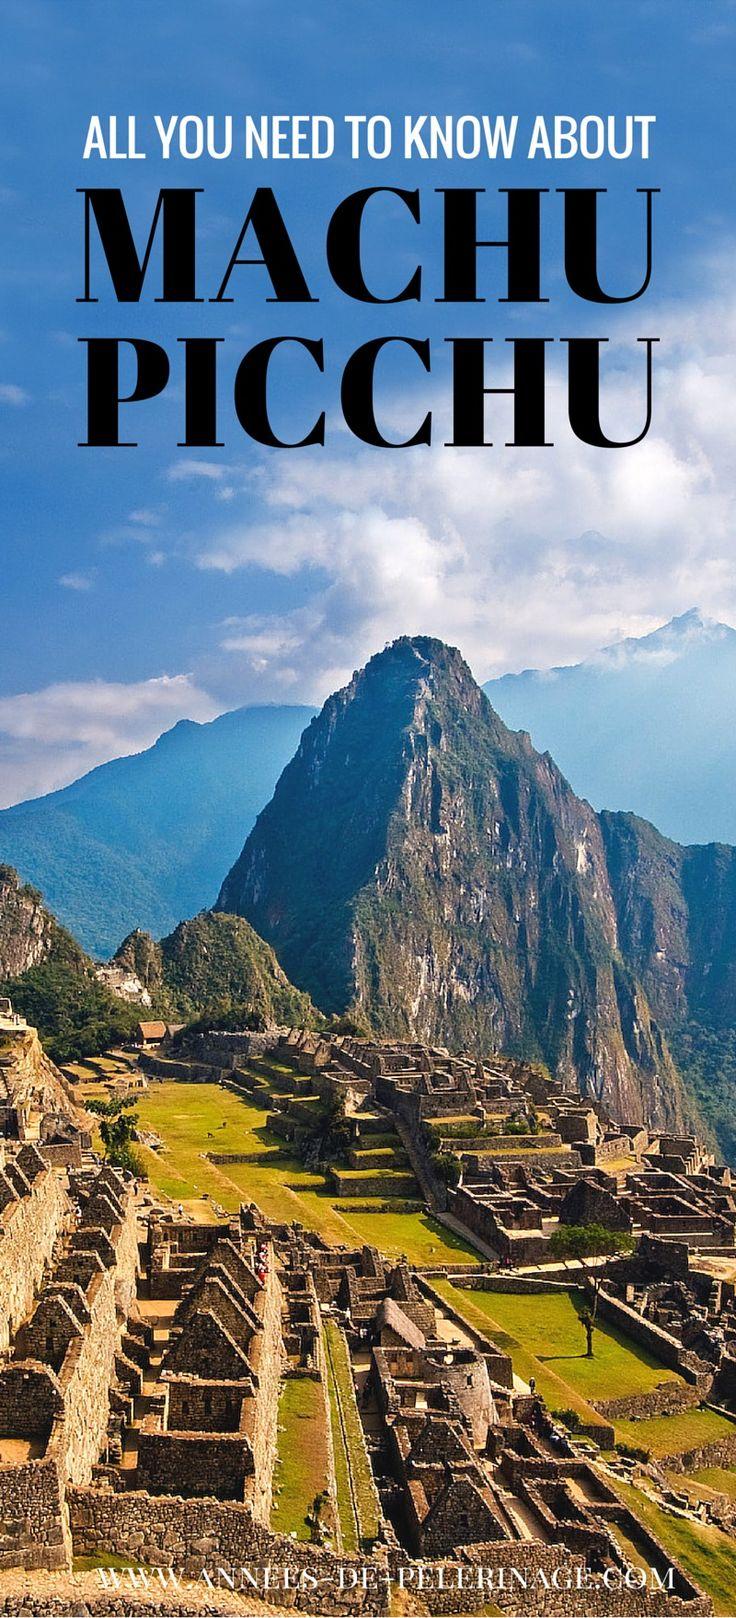 #MachuPicchu desconocido por algunos http://vidaviajes.com/peru-y-el-gran-machu-picchu/